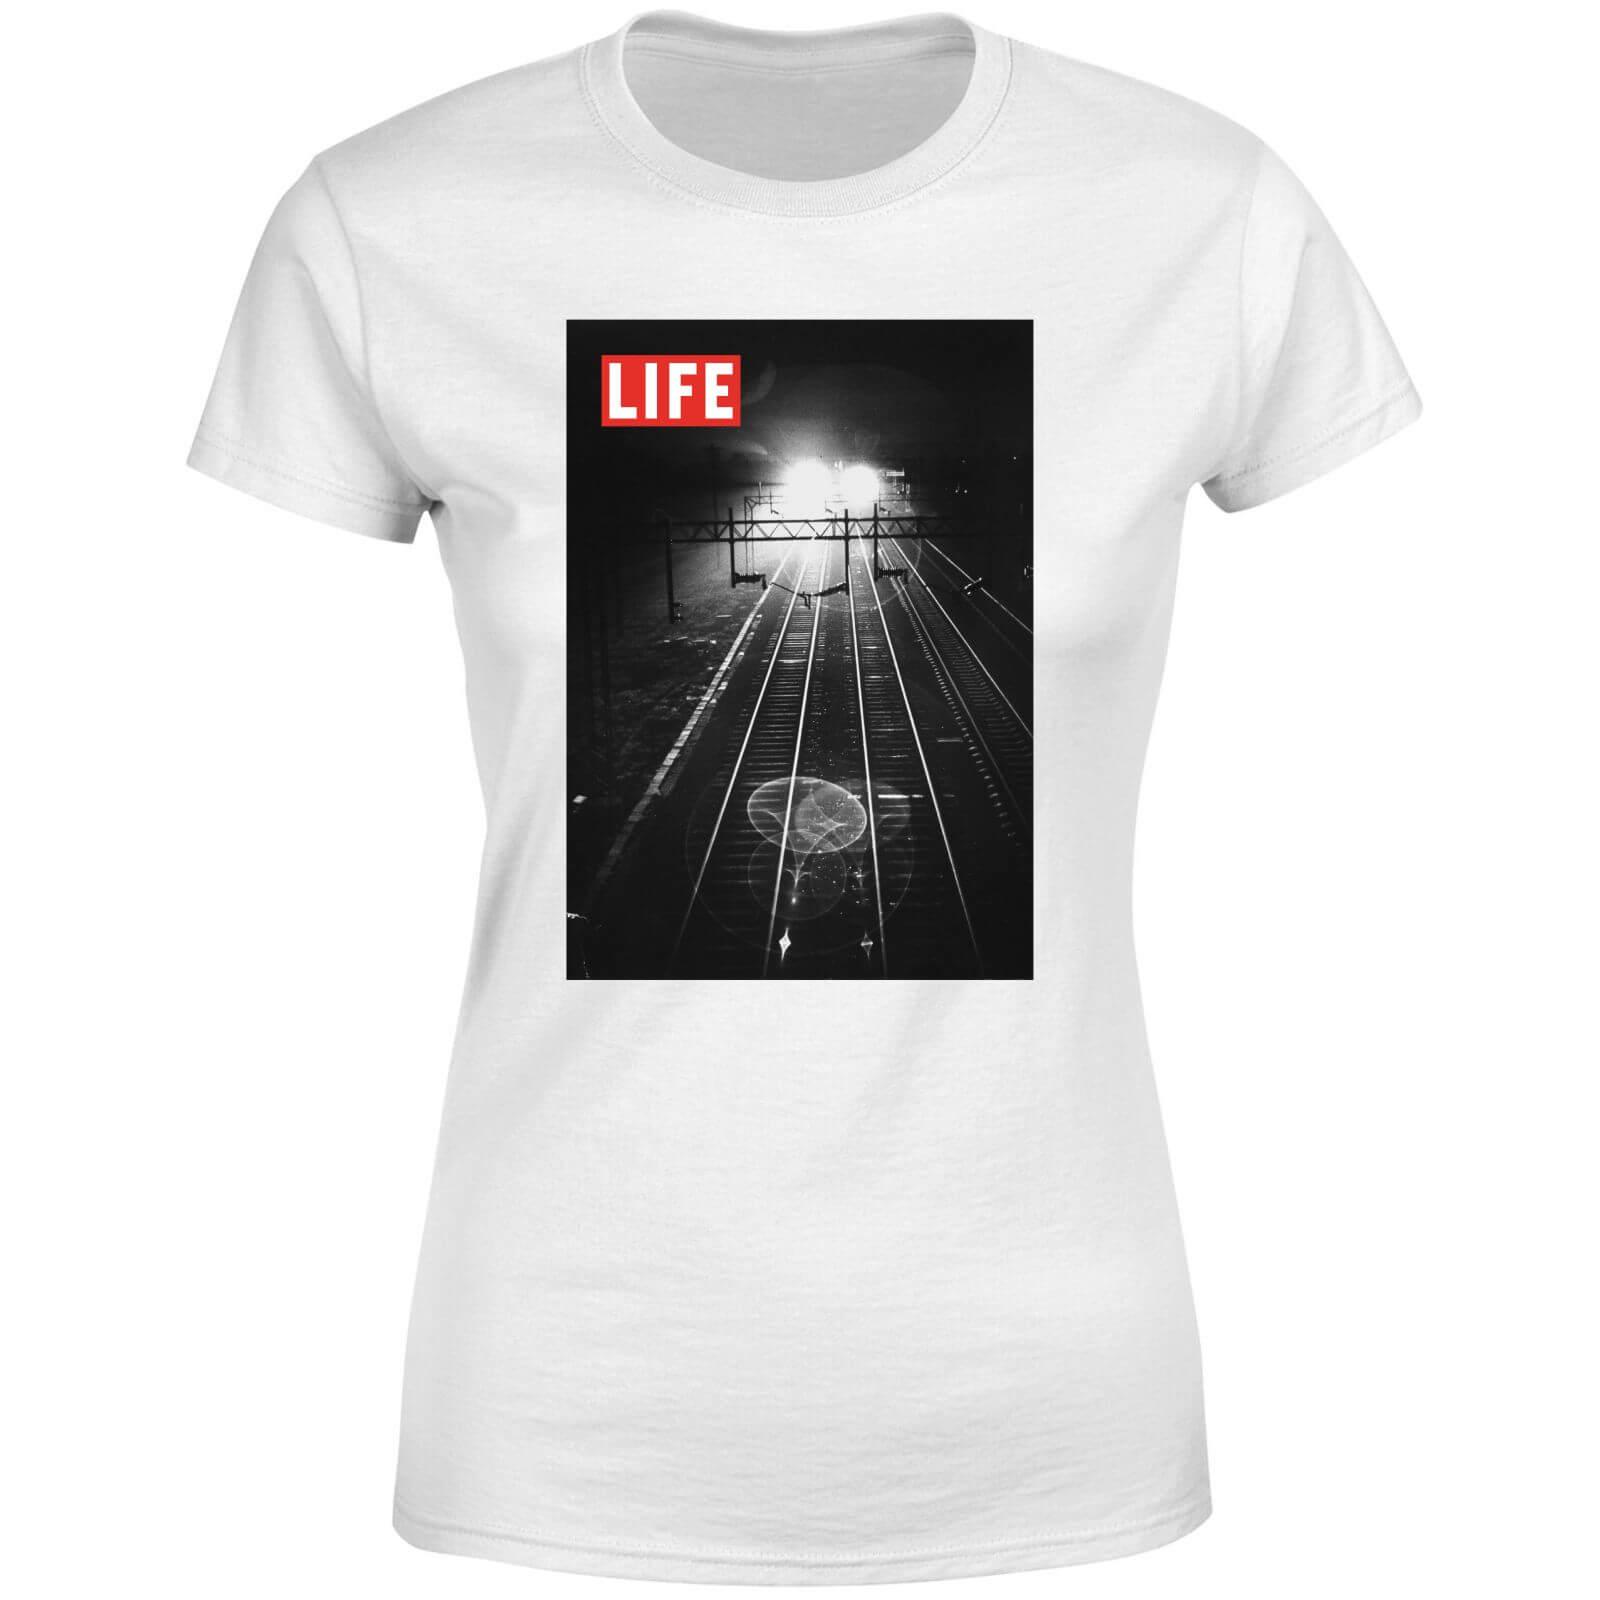 LIFE Magazine Railway Tracks Women's T-Shirt - White - L - White-female